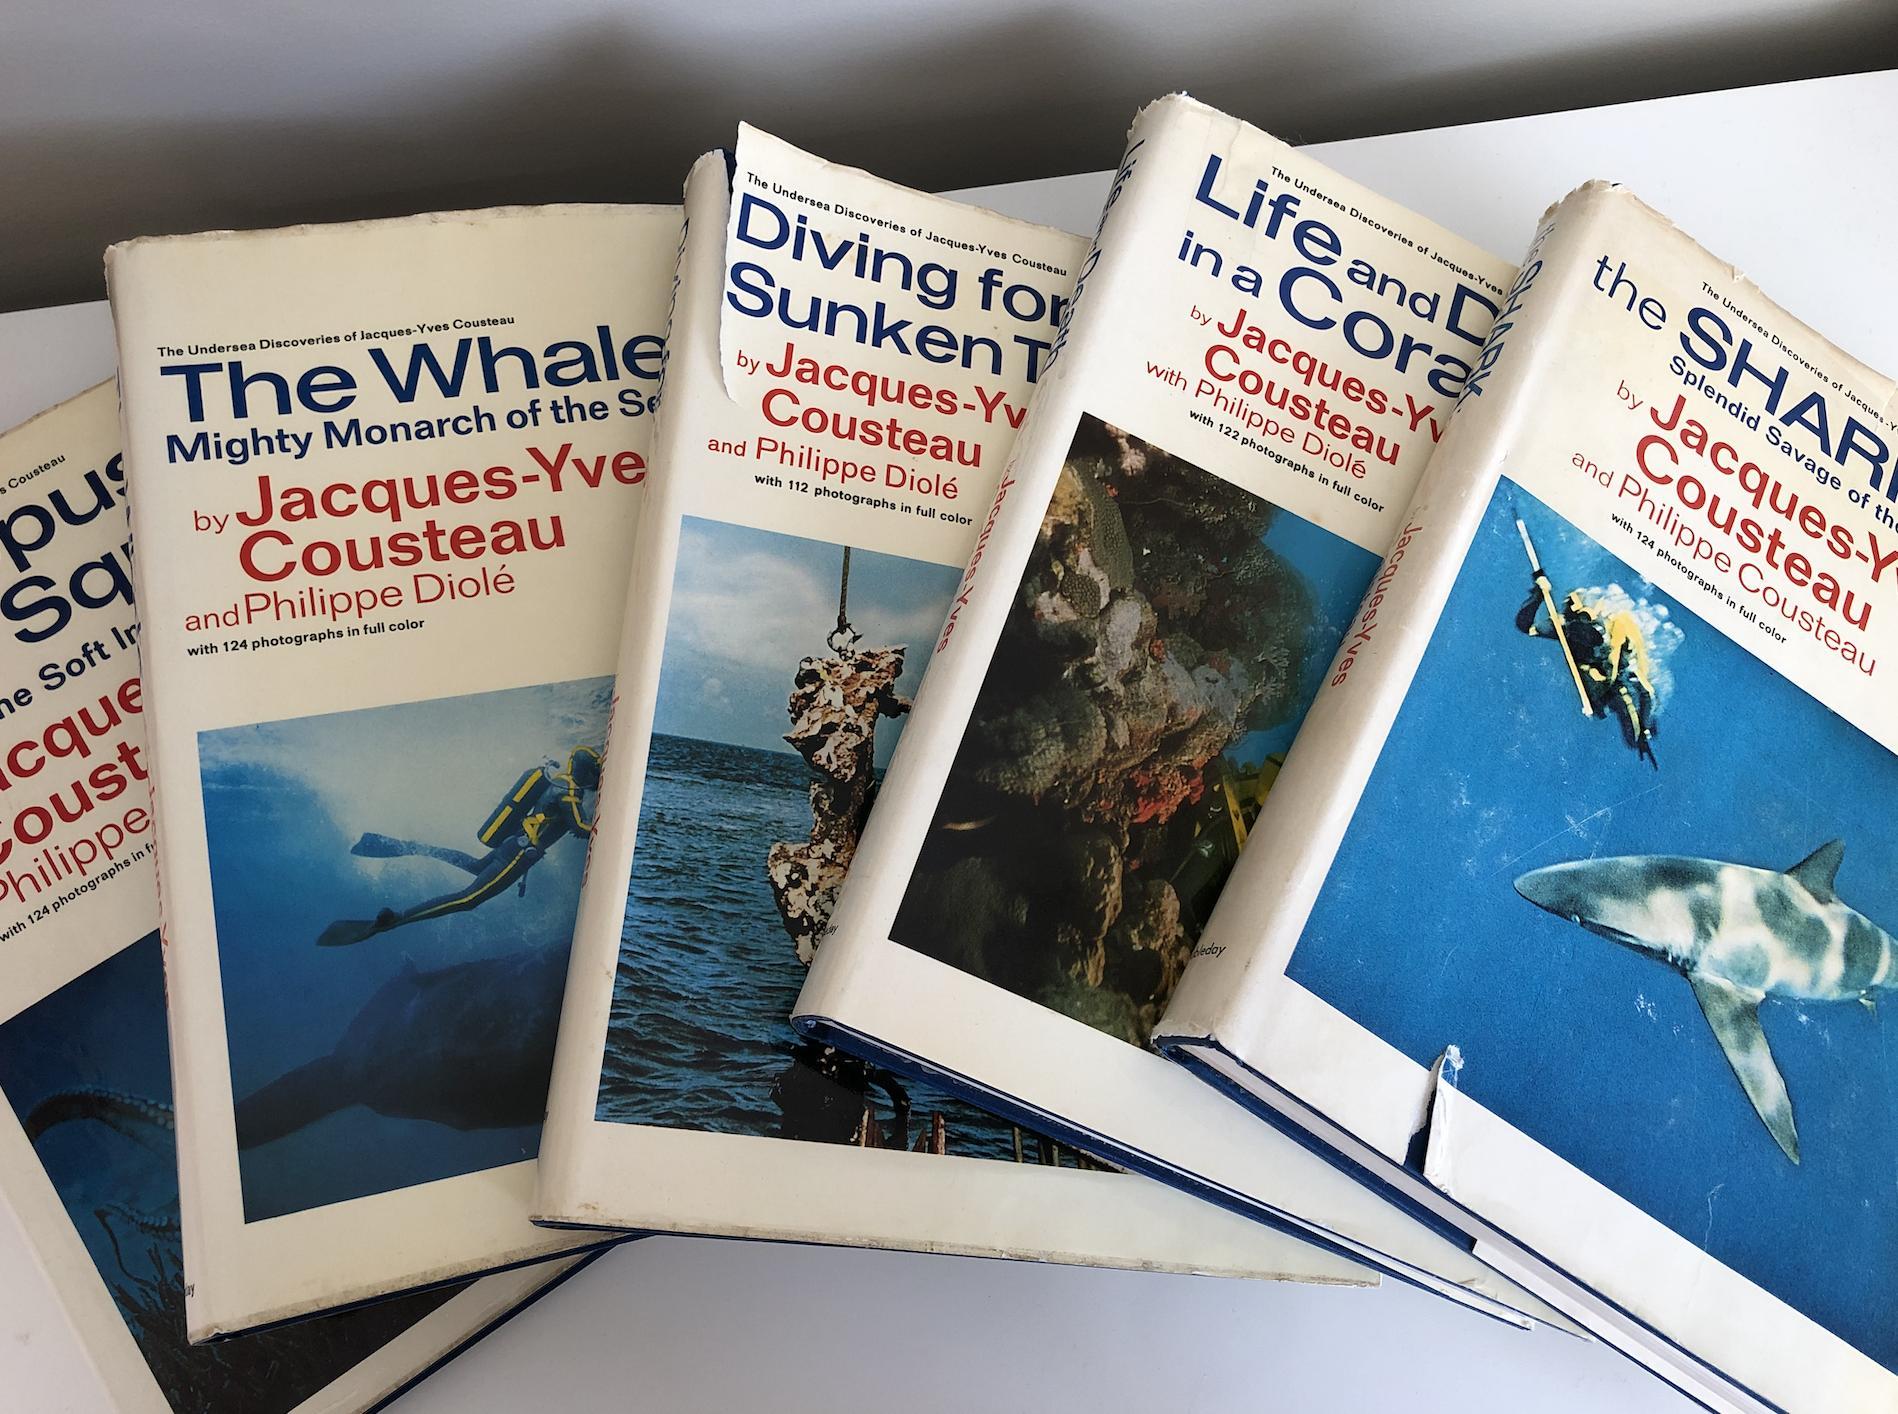 cousteau_books.jpg